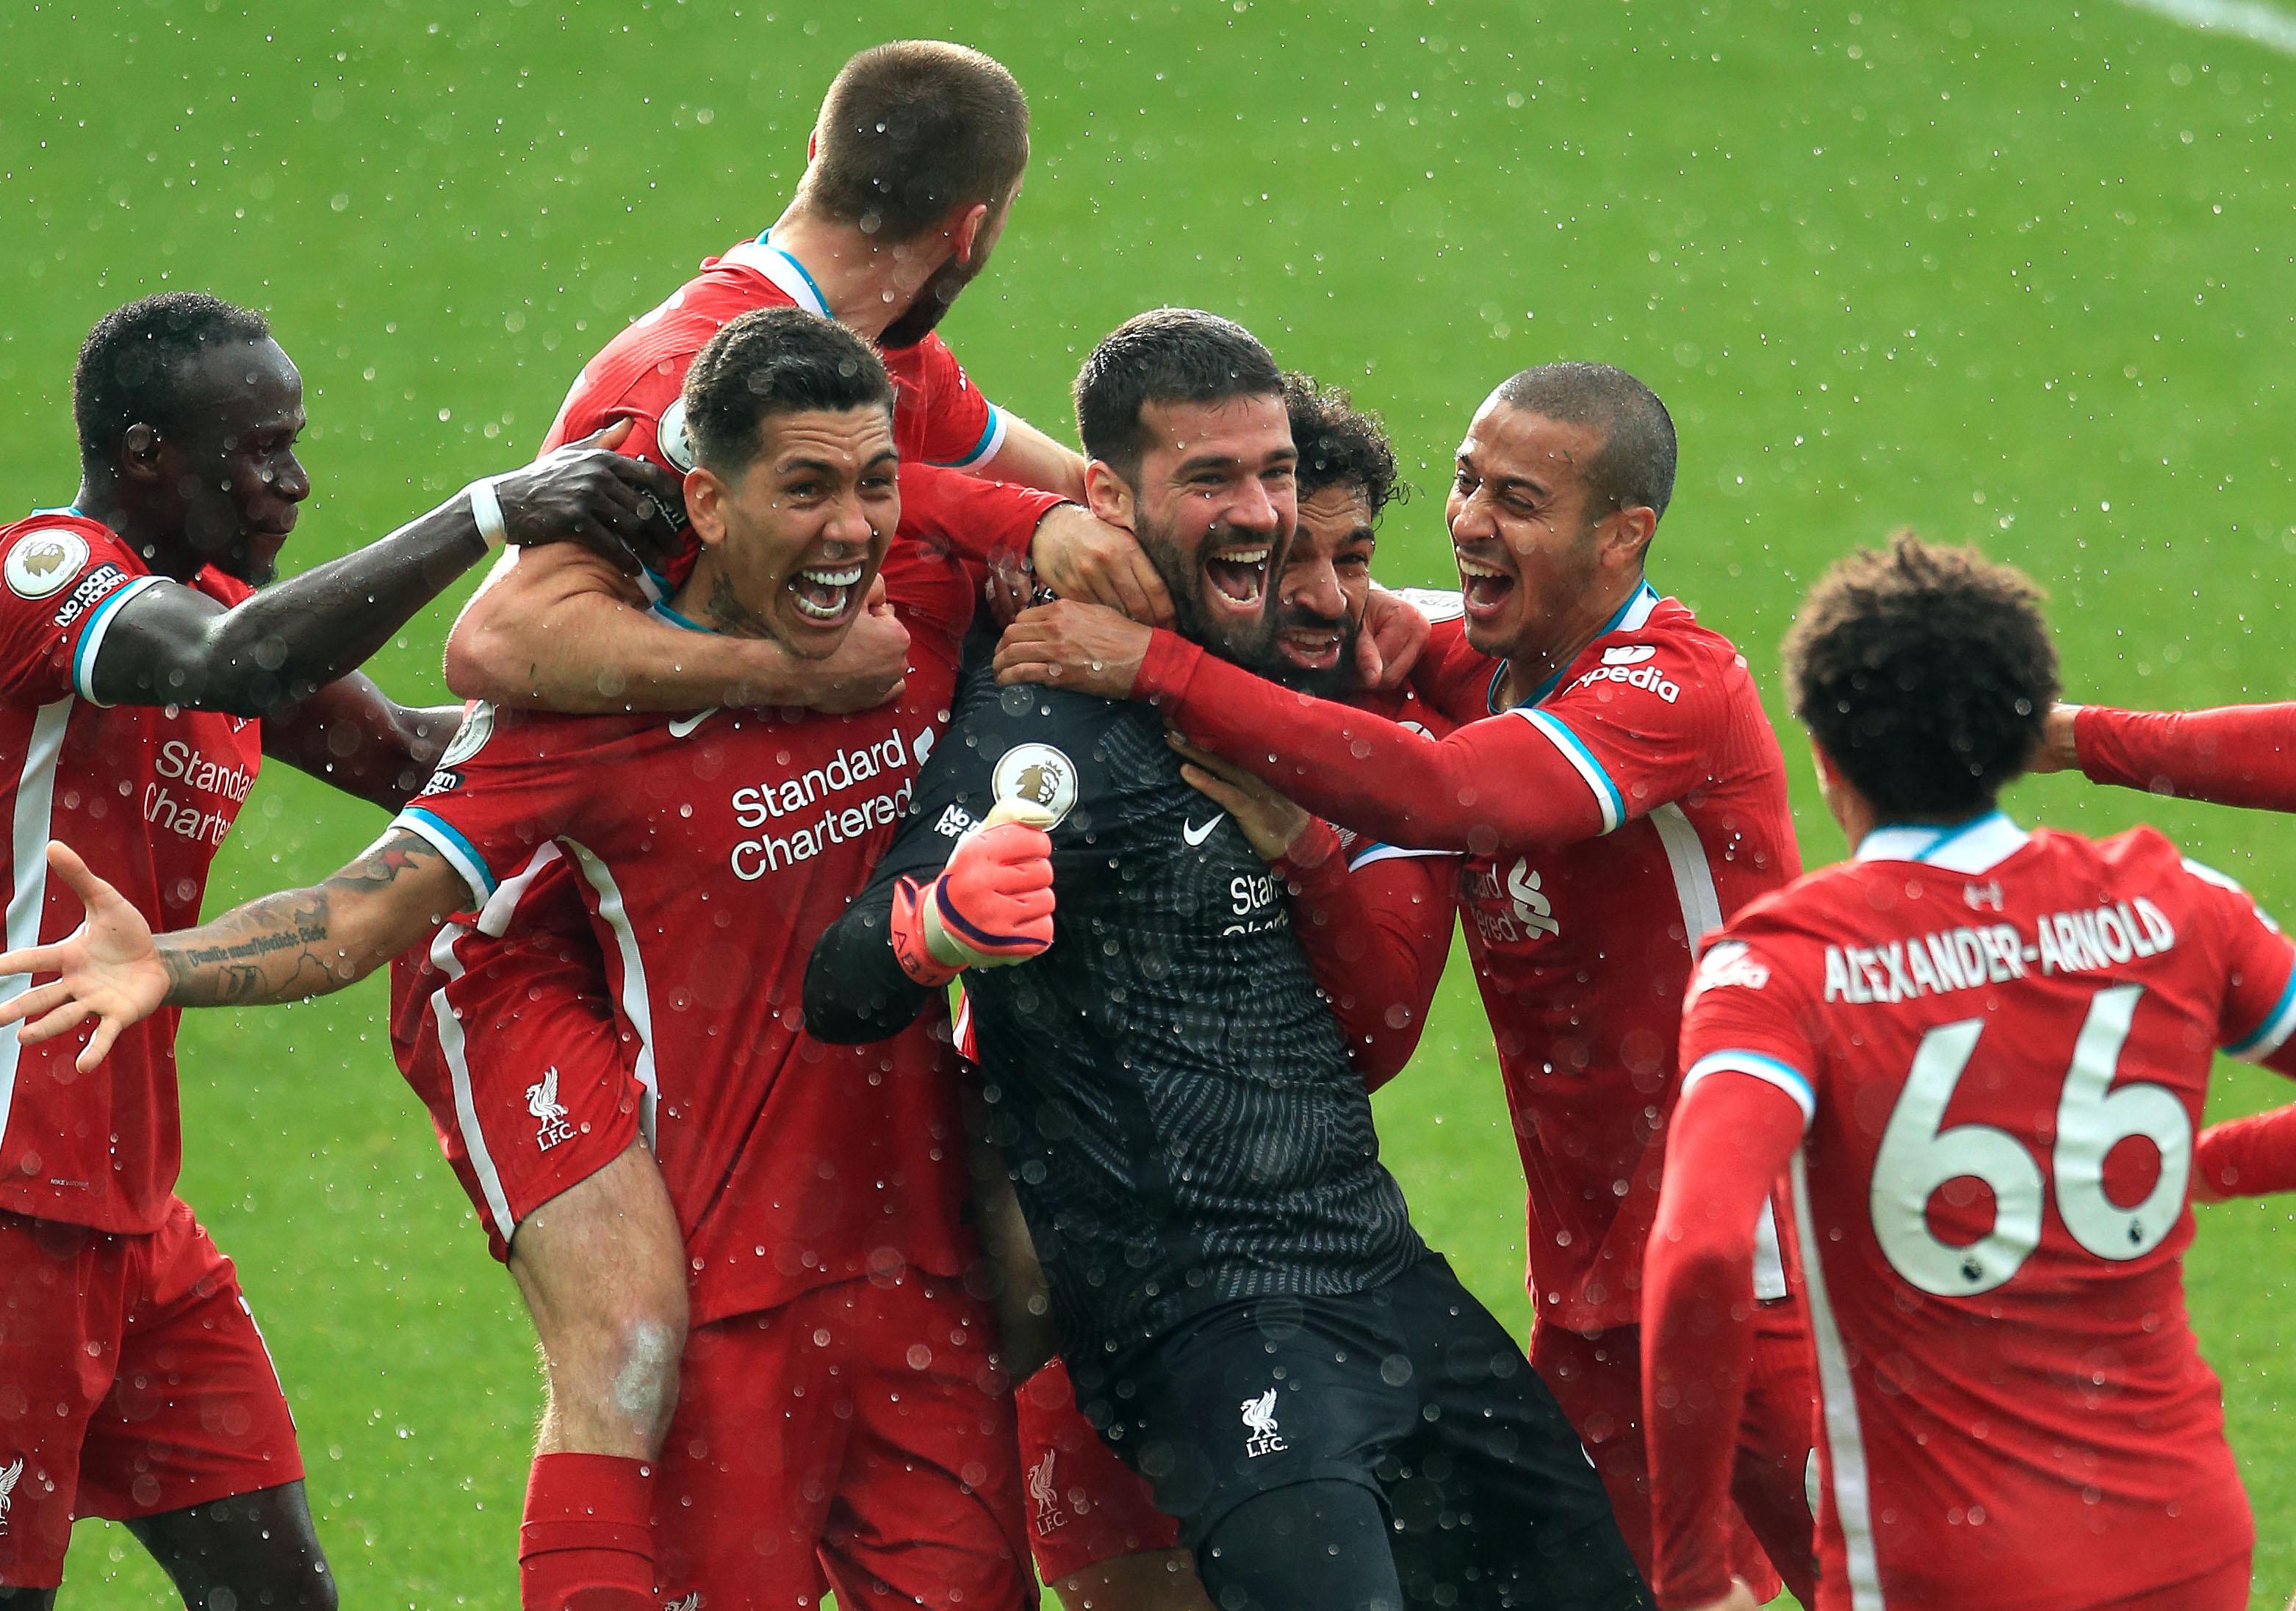 萨拉赫破门阿利松压哨绝杀,利物浦客场2-1西布朗距前四1分